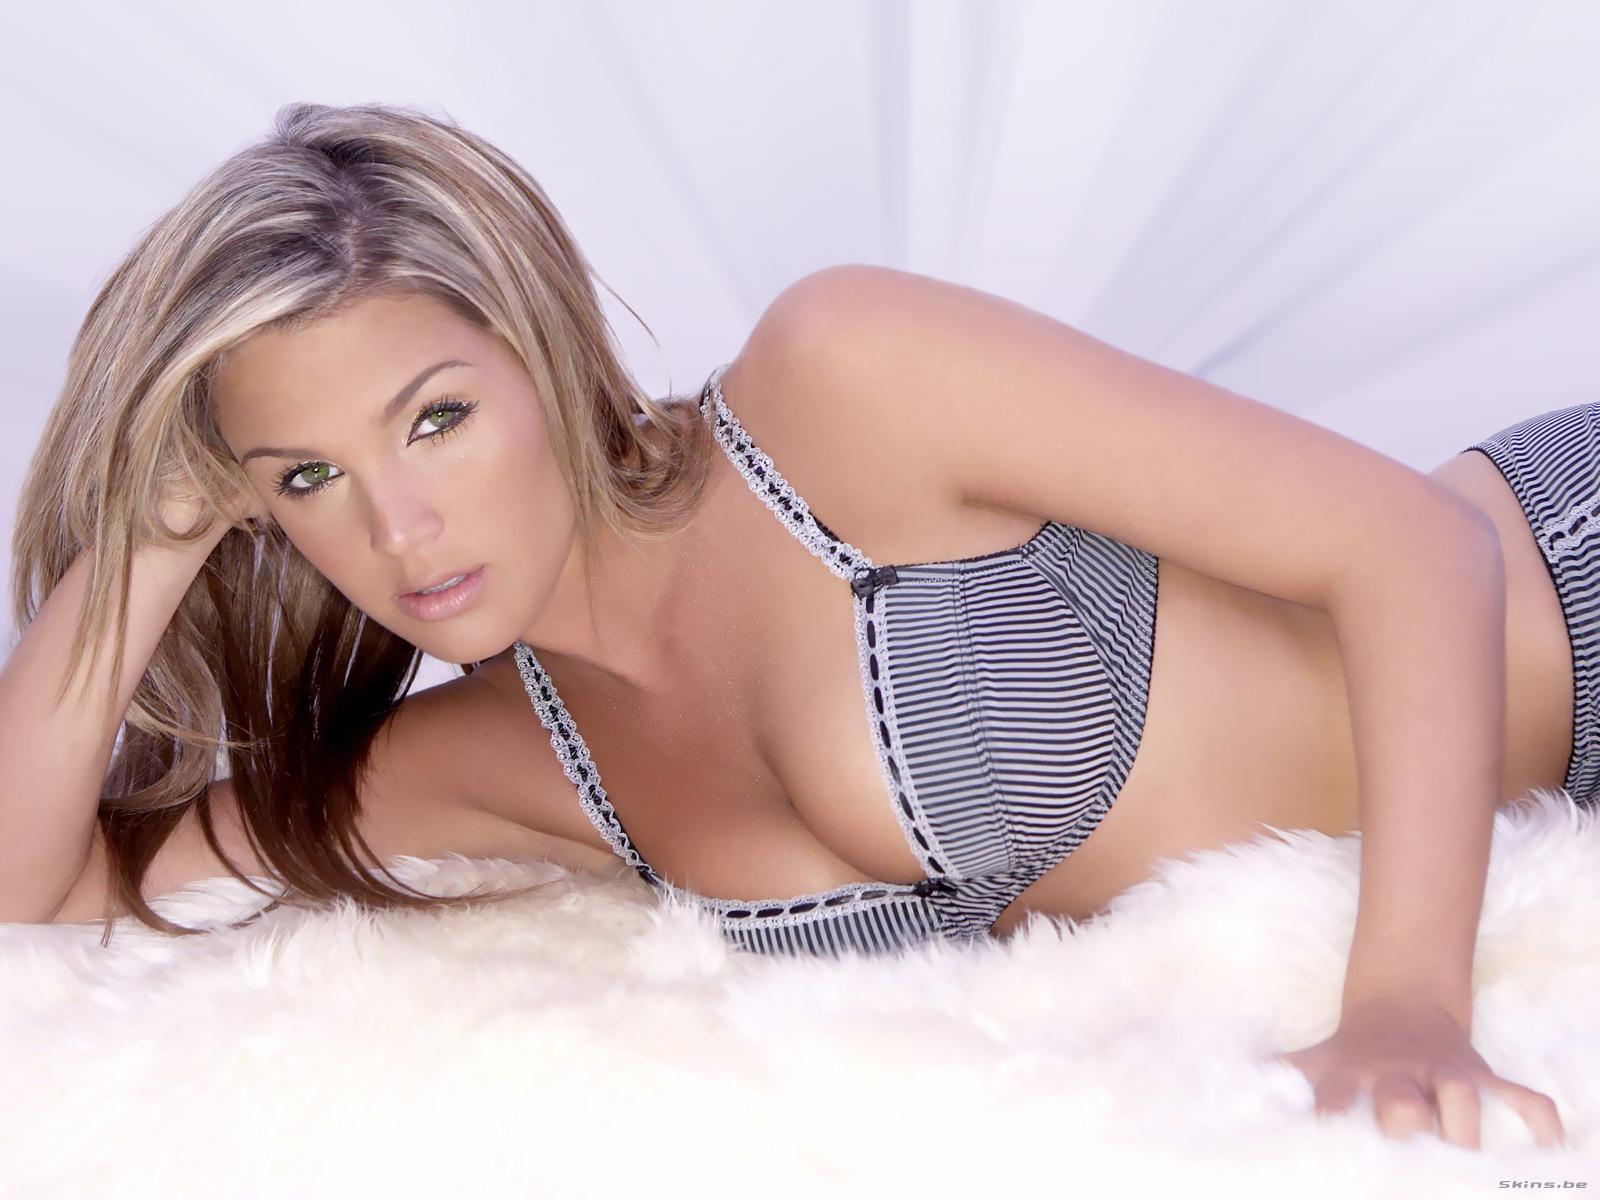 http://1.bp.blogspot.com/_Y5-4Z4aPcOI/TUFgzf_DIrI/AAAAAAAAA2E/aNNCj--8Wa8/s1600/Danielle+Lloyd+-+freehd.blogspot+%25281%2529.jpg